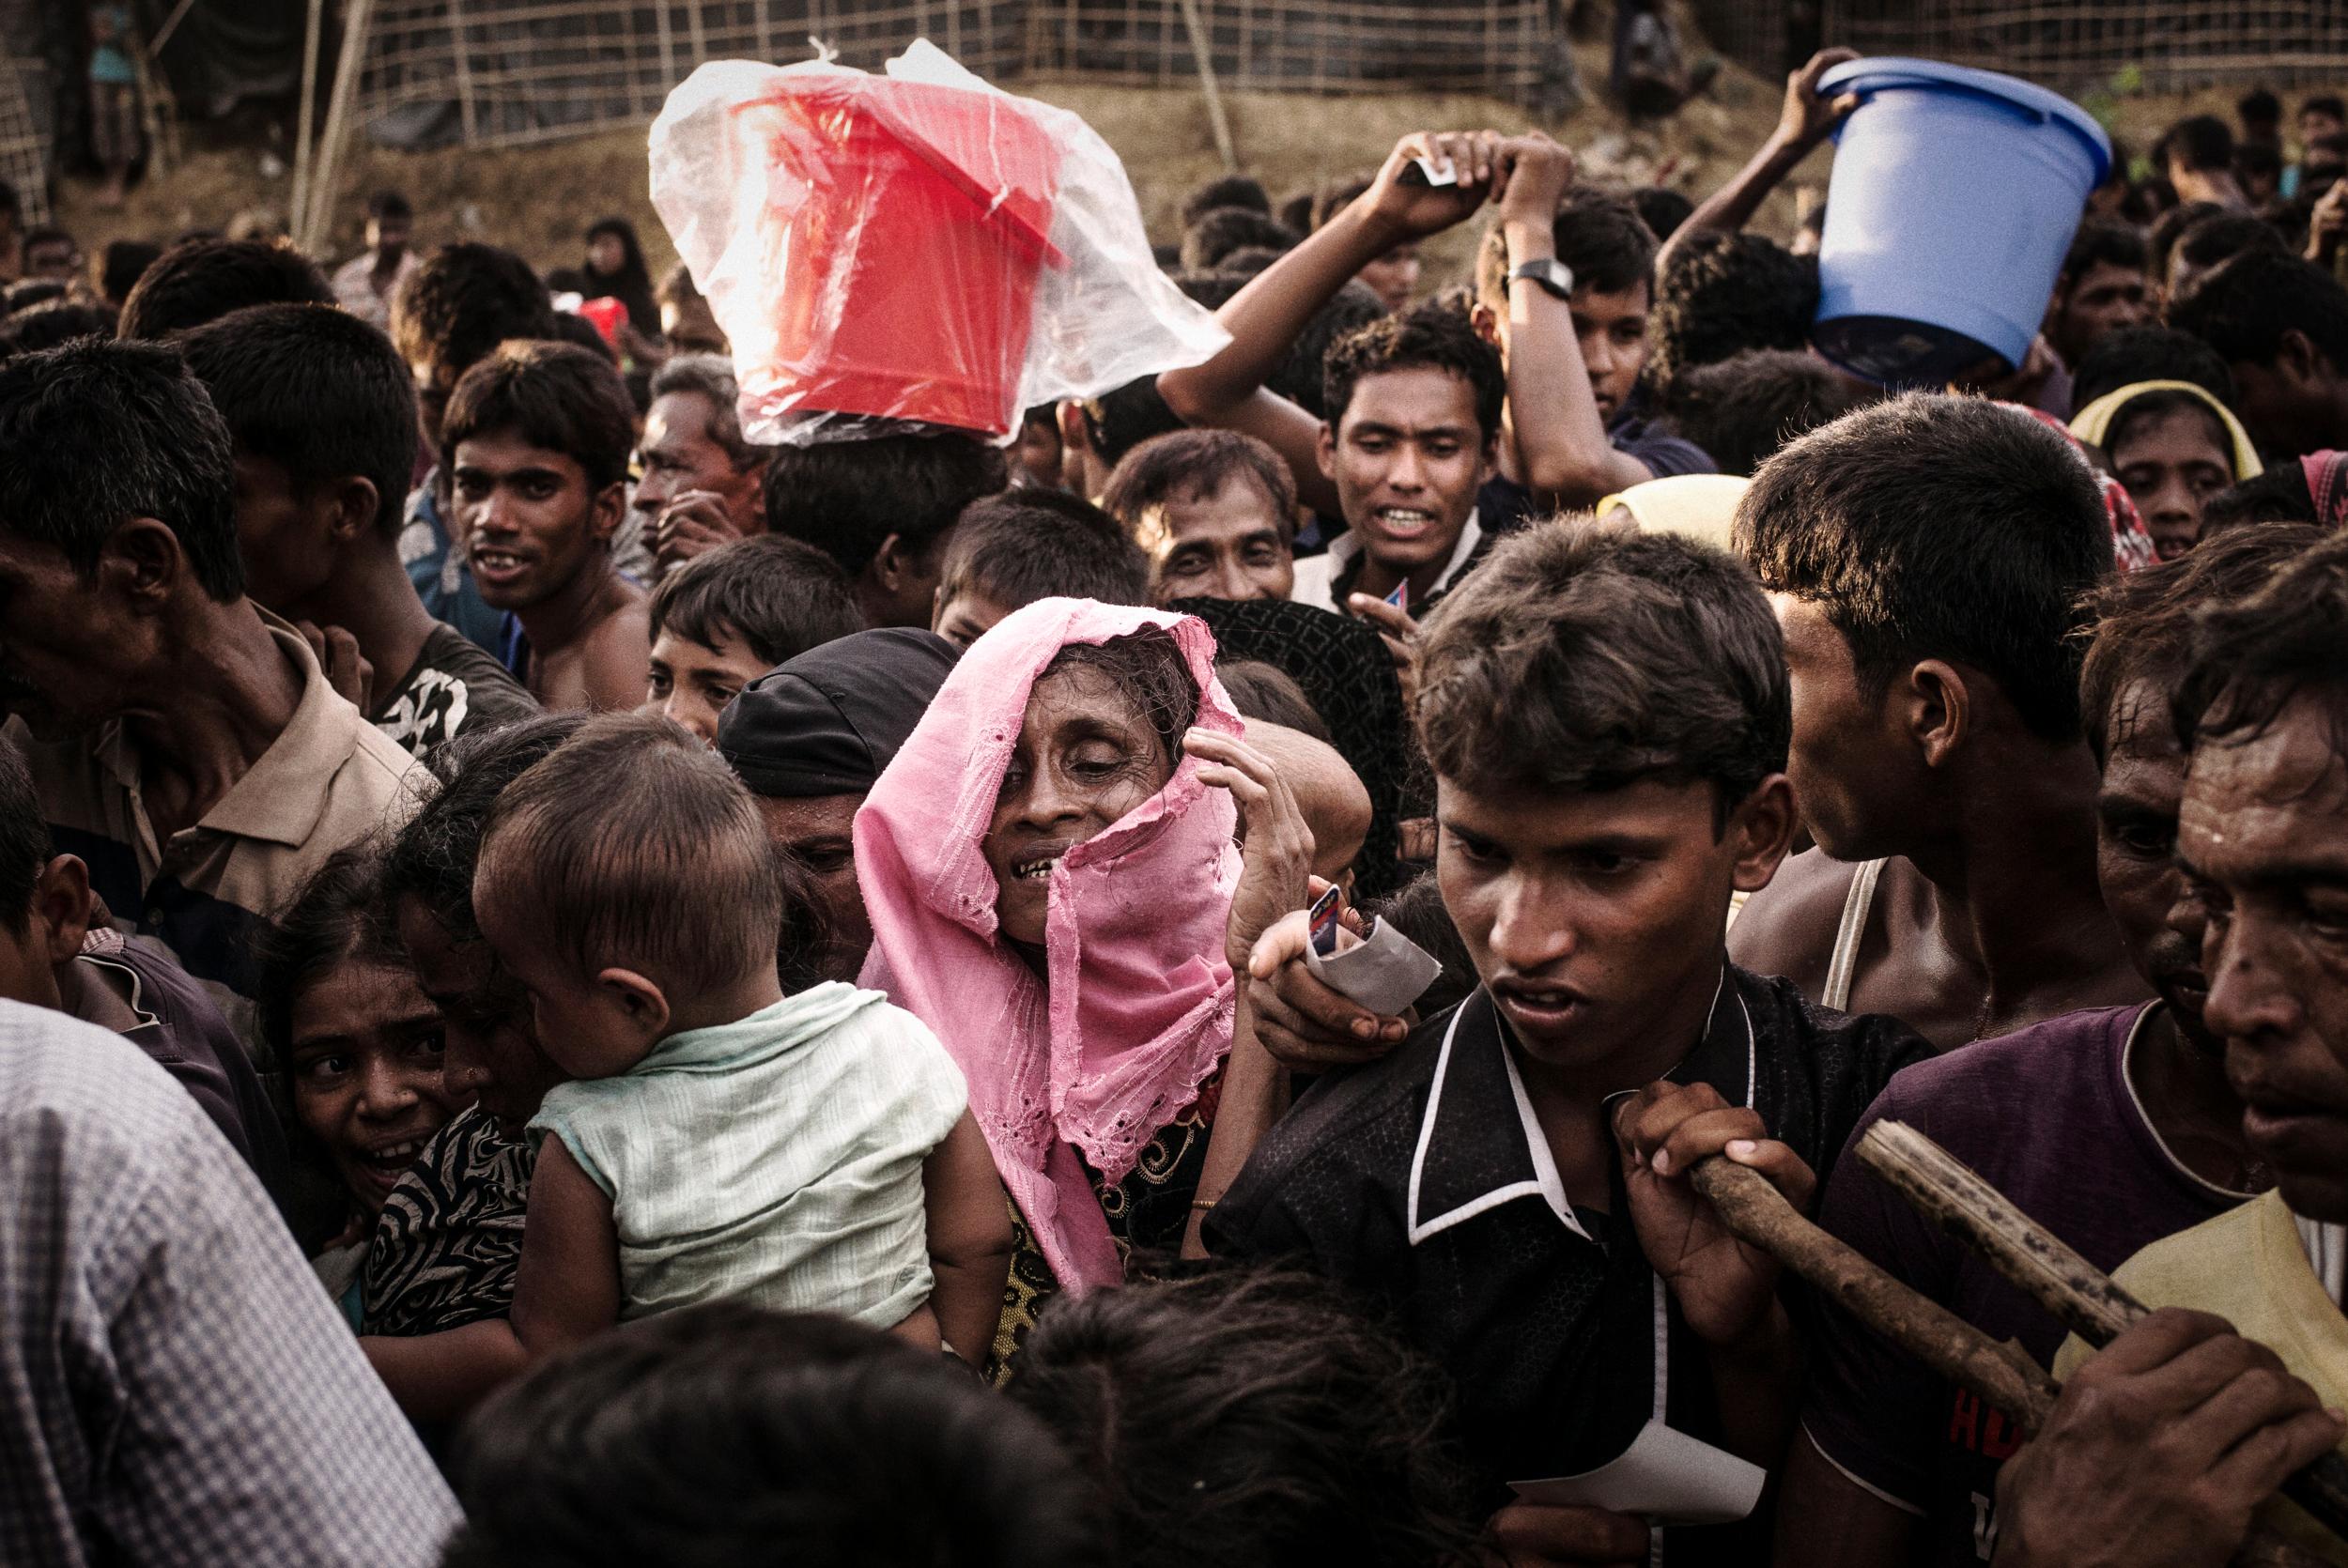 CAMPS AU BANGLADESH : « NOUS NE SOMMES PAS SORTIS DE L'URGENCE EN TERMES DE SANTÉ PUBLIQUE »